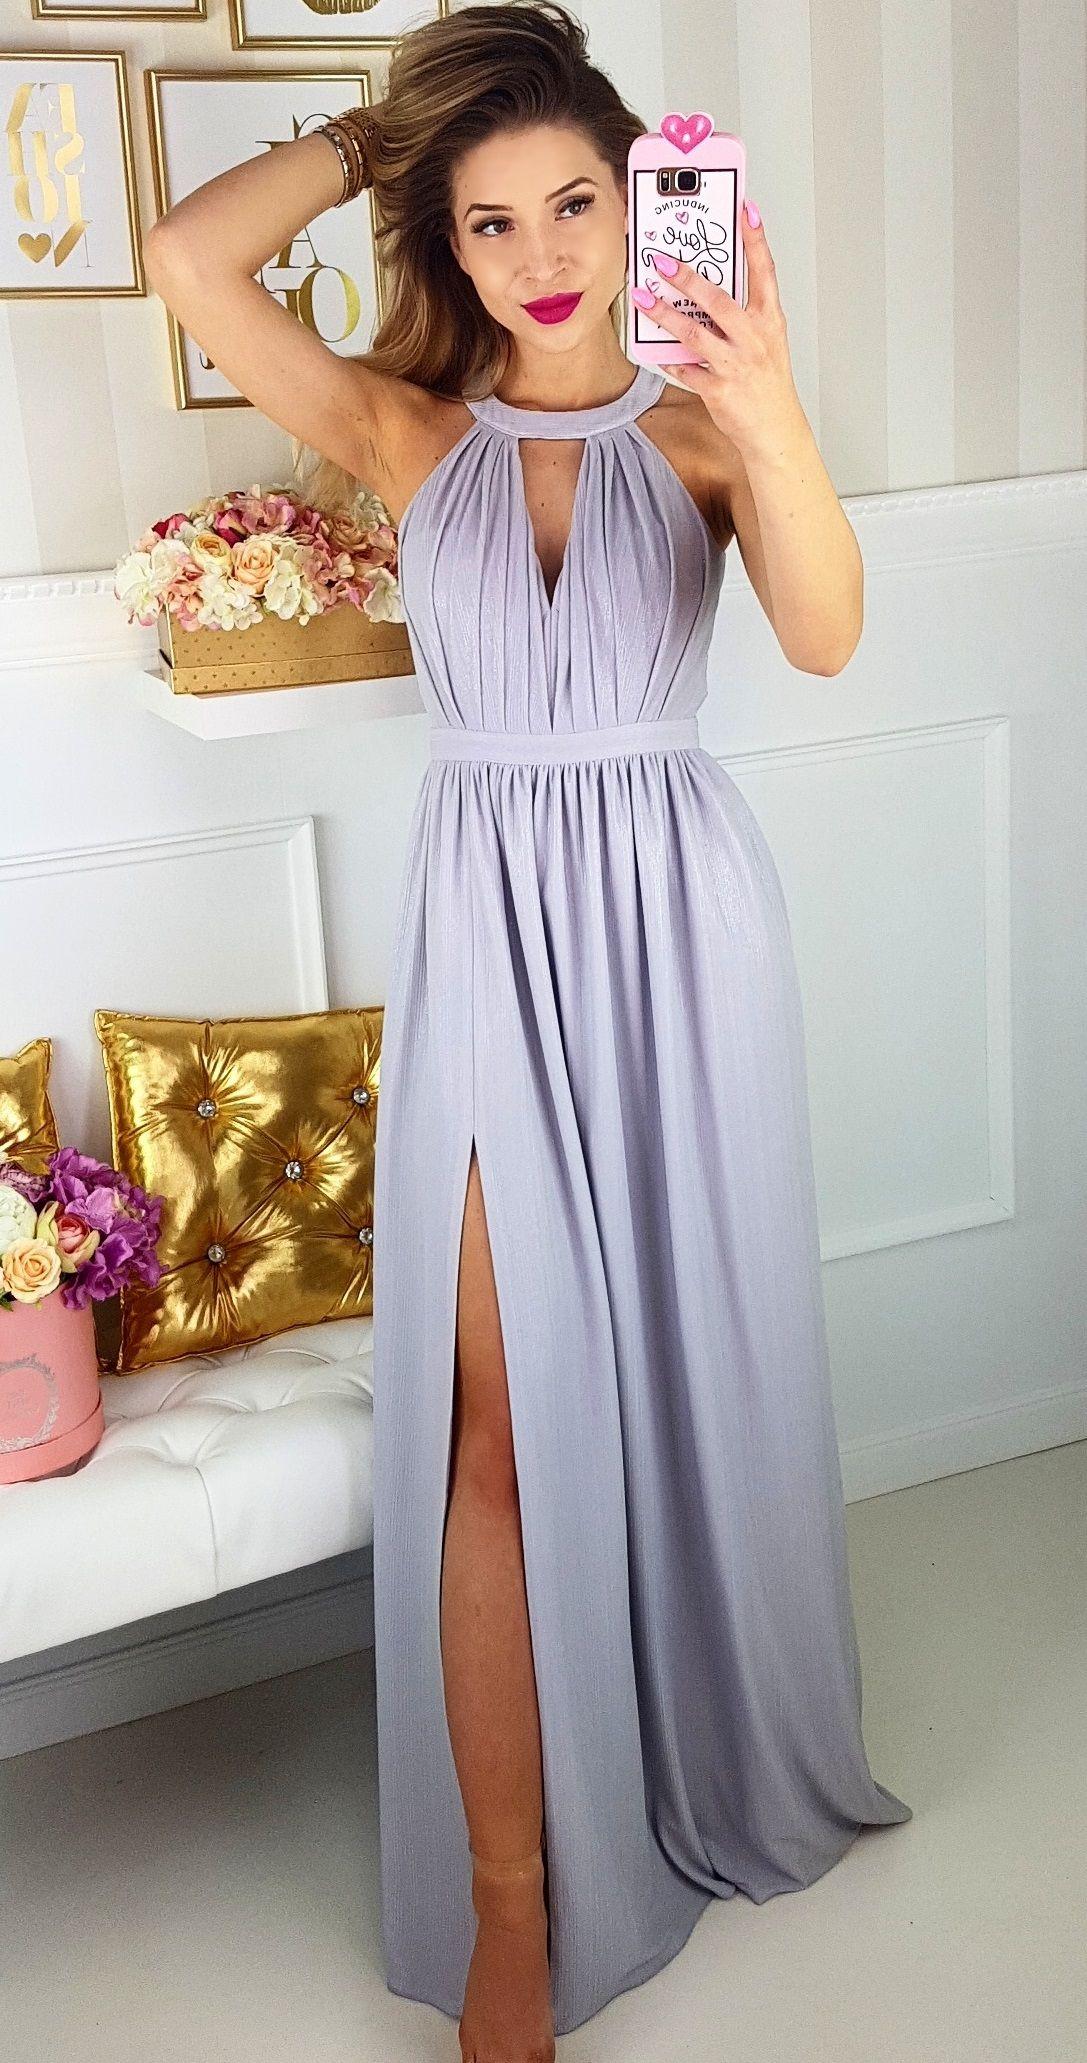 d9e67a0dc0 Długa szara  srebrna sukienka rzymianka. Idealna sukienka na wesele.   maxidress  bridesmaiddress  sukienka dla druhny